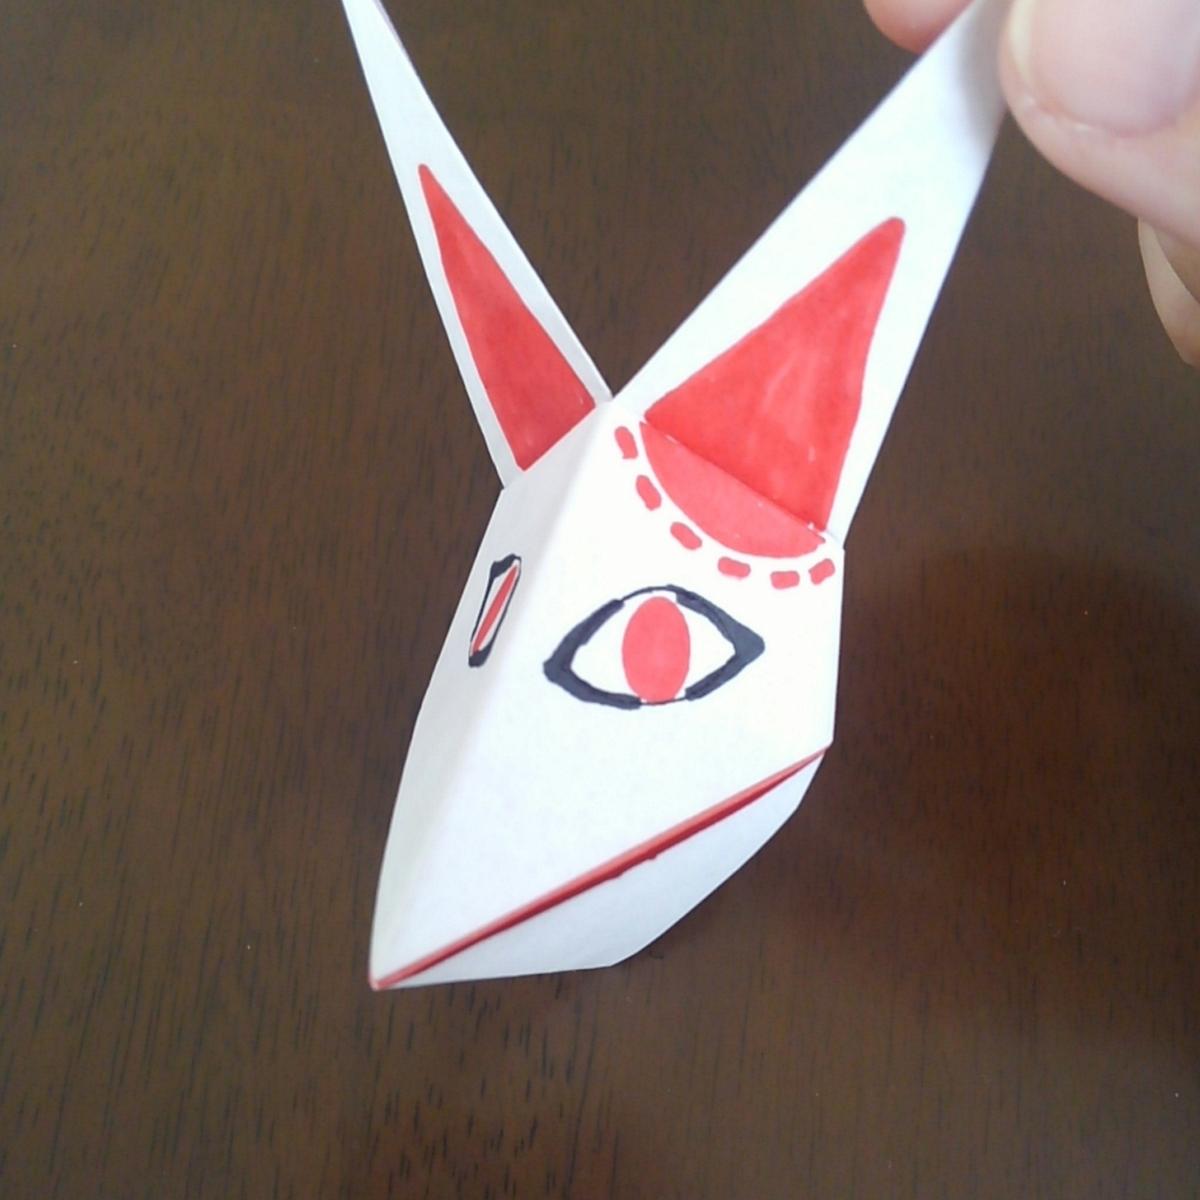 鬼滅の刃 折り紙 狐面 簡単